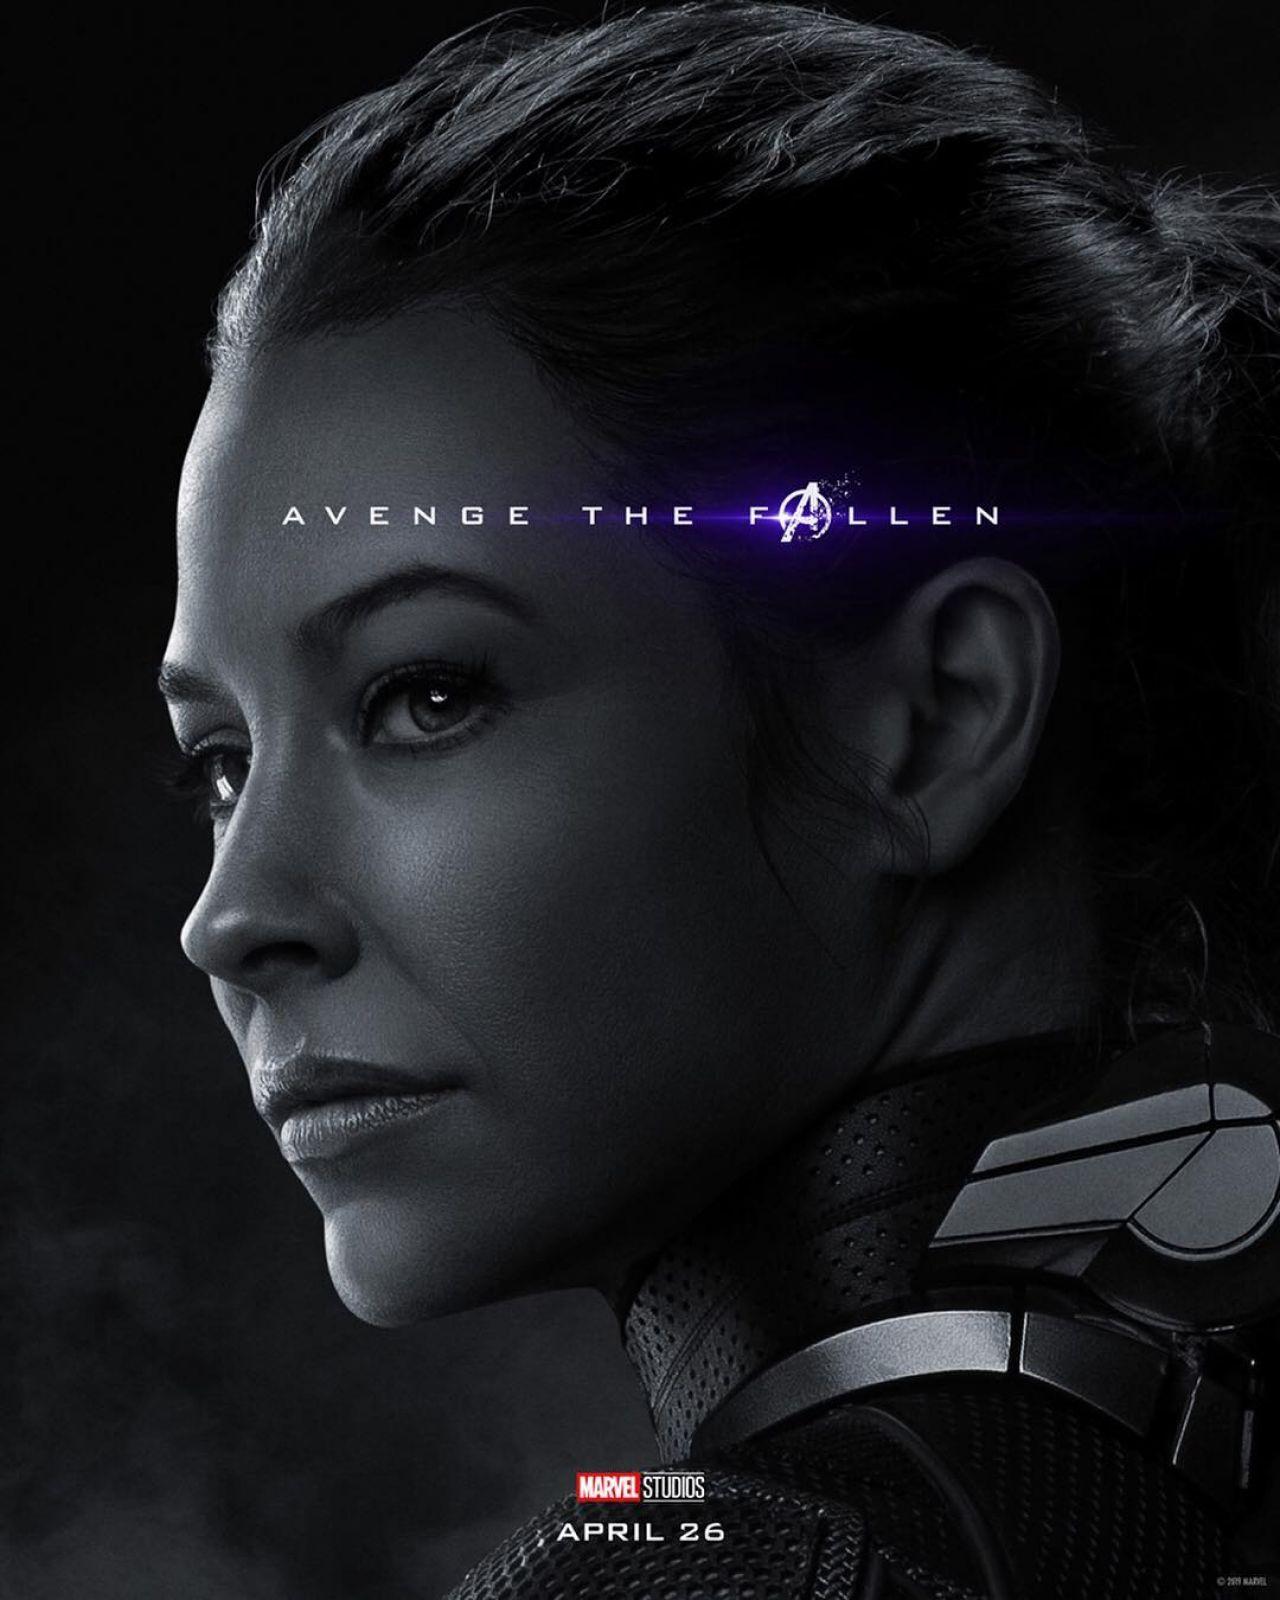 Evangeline Lilly Avengers Endgame 2019 Promo Poster Celebmafia